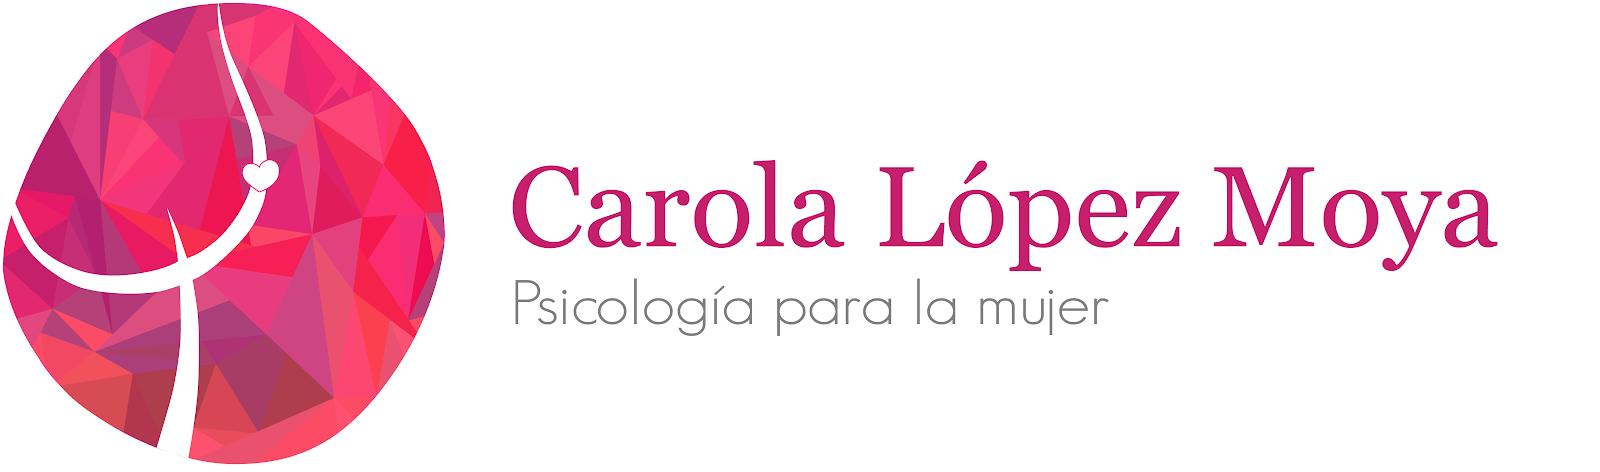 Carola López Moya